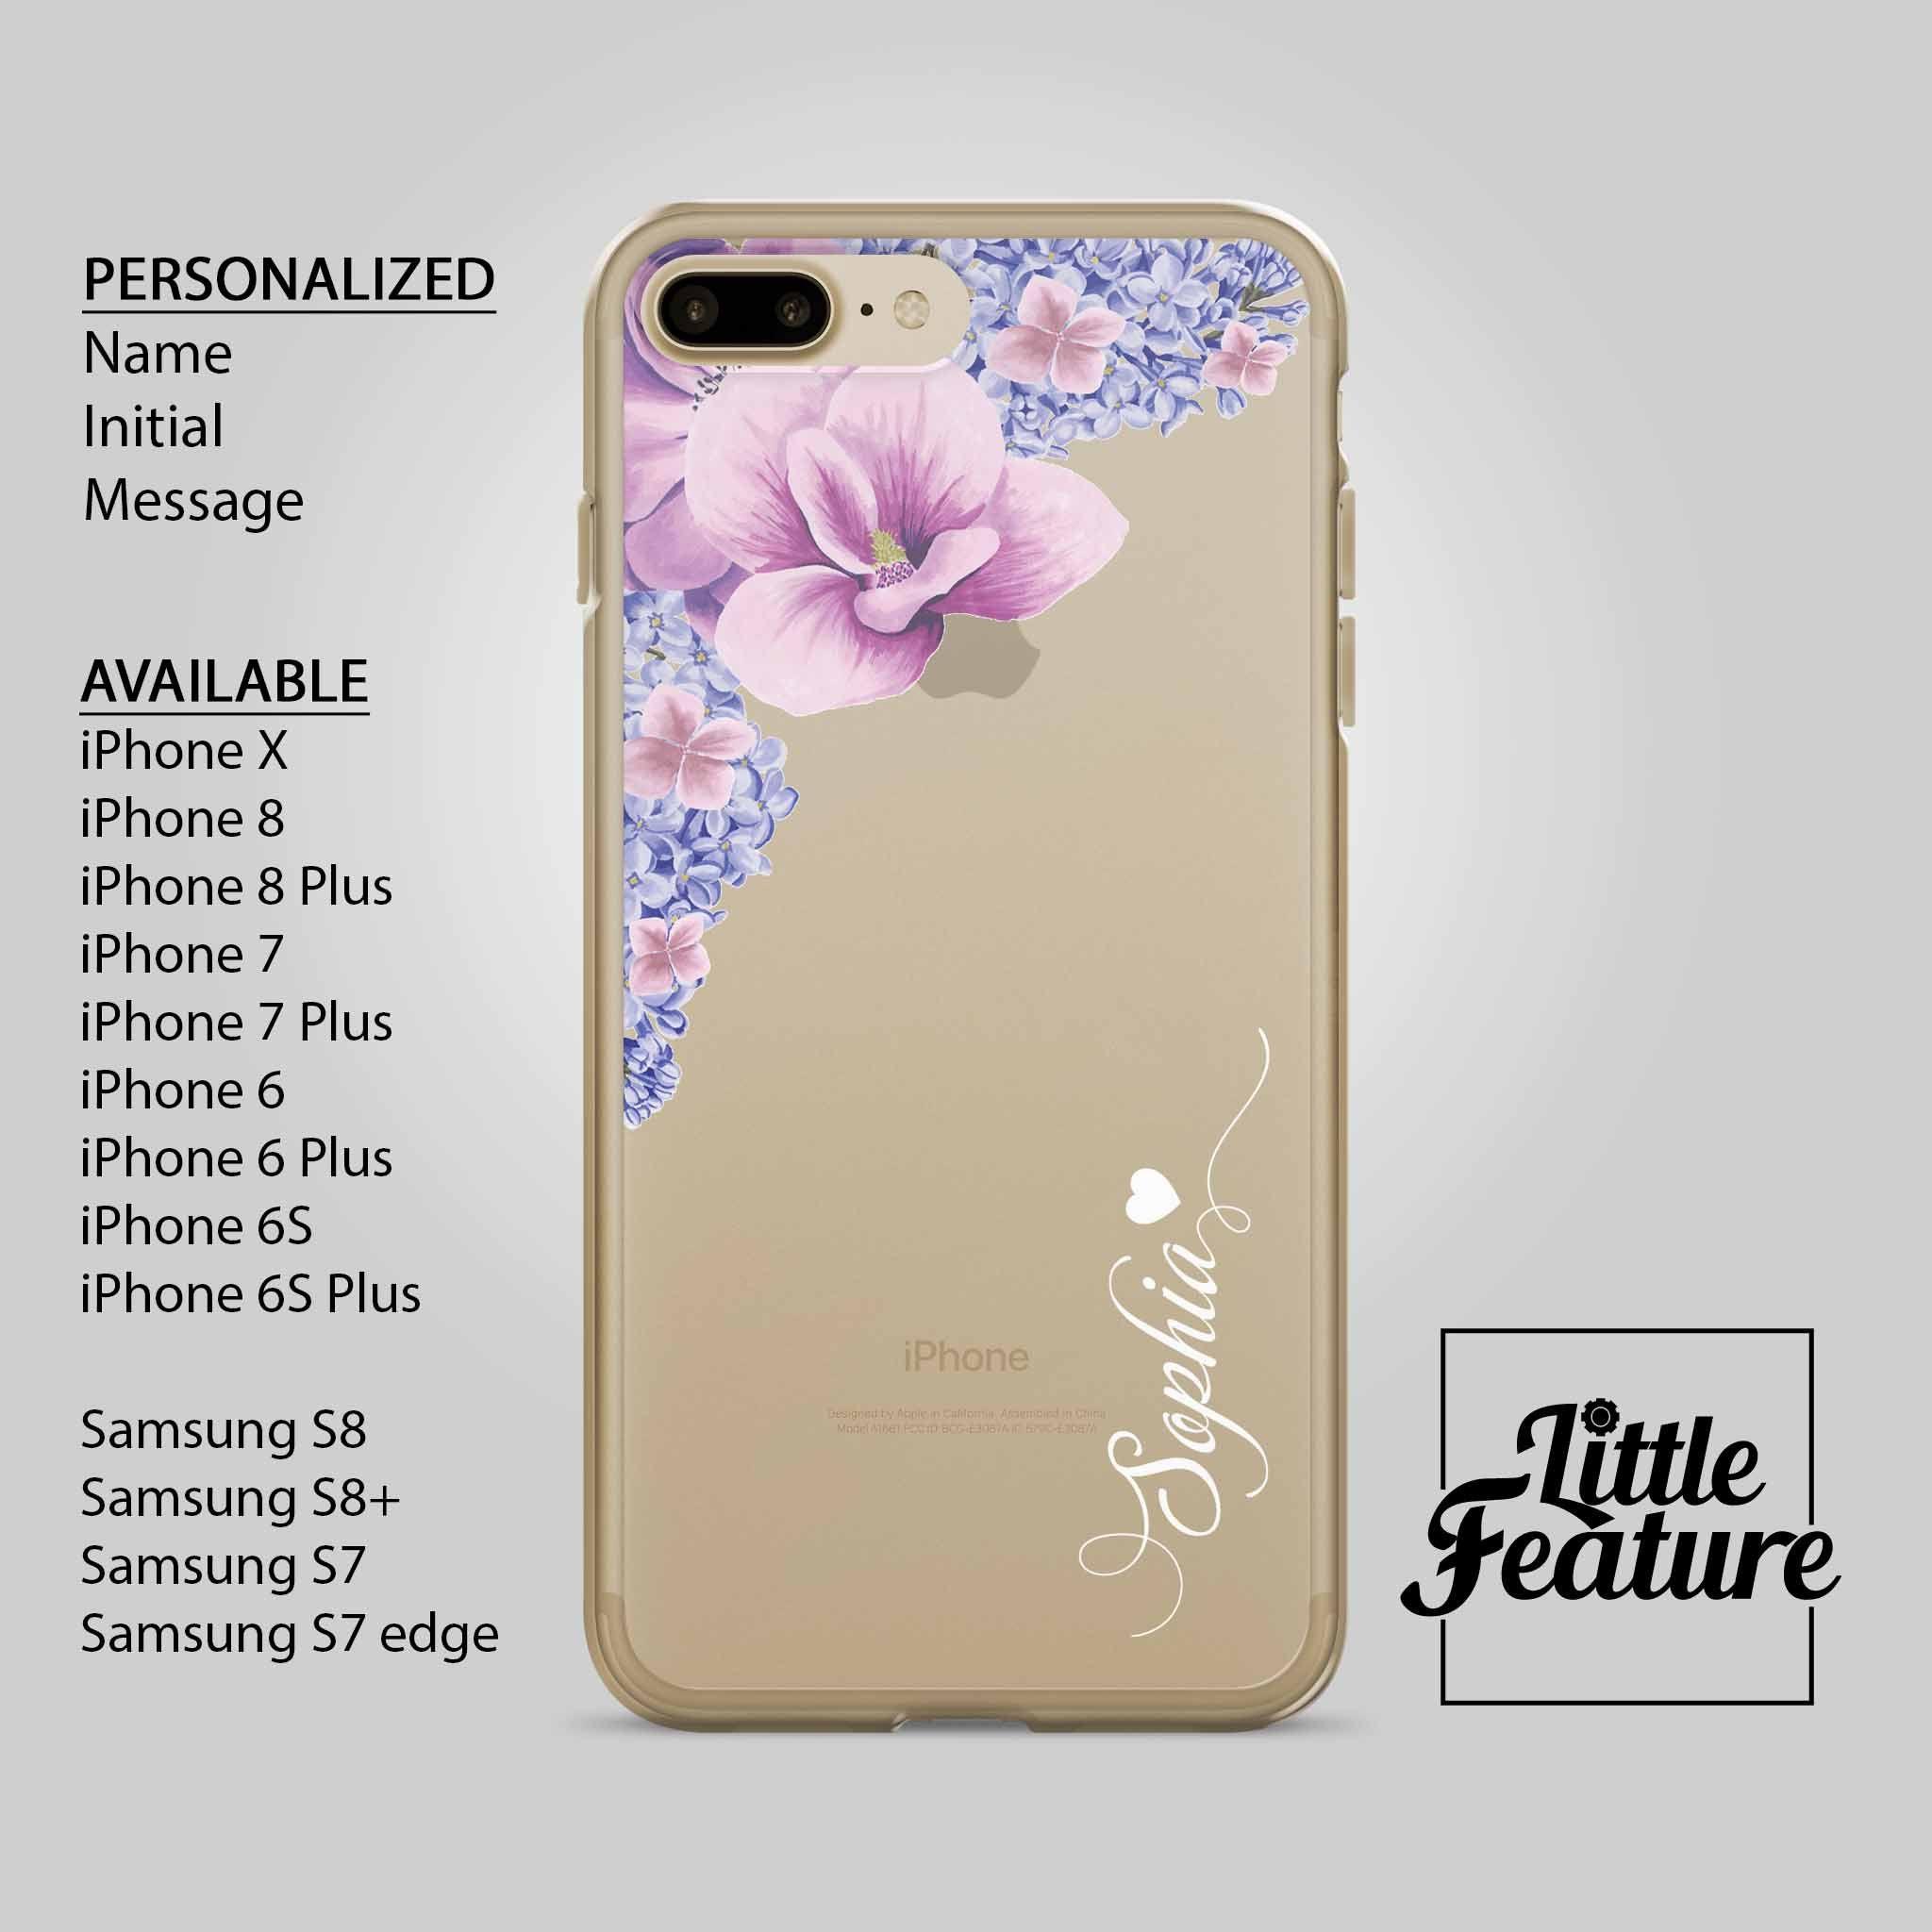 new concept c53a4 d7e1c initial iphone caseflower iphone 6Clear case iPhone 6+name iphone x ...